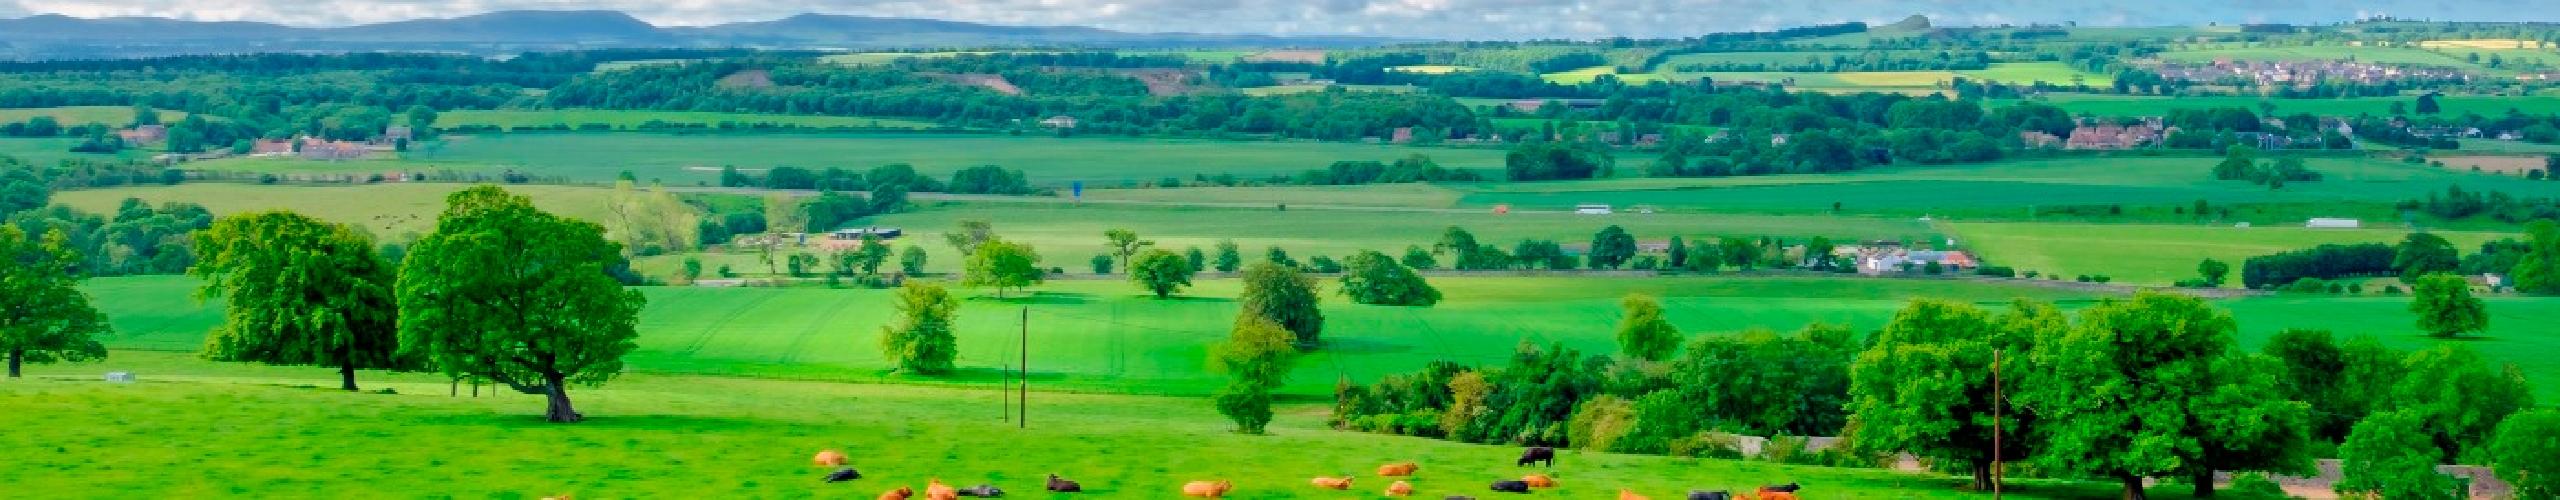 WL Landscape